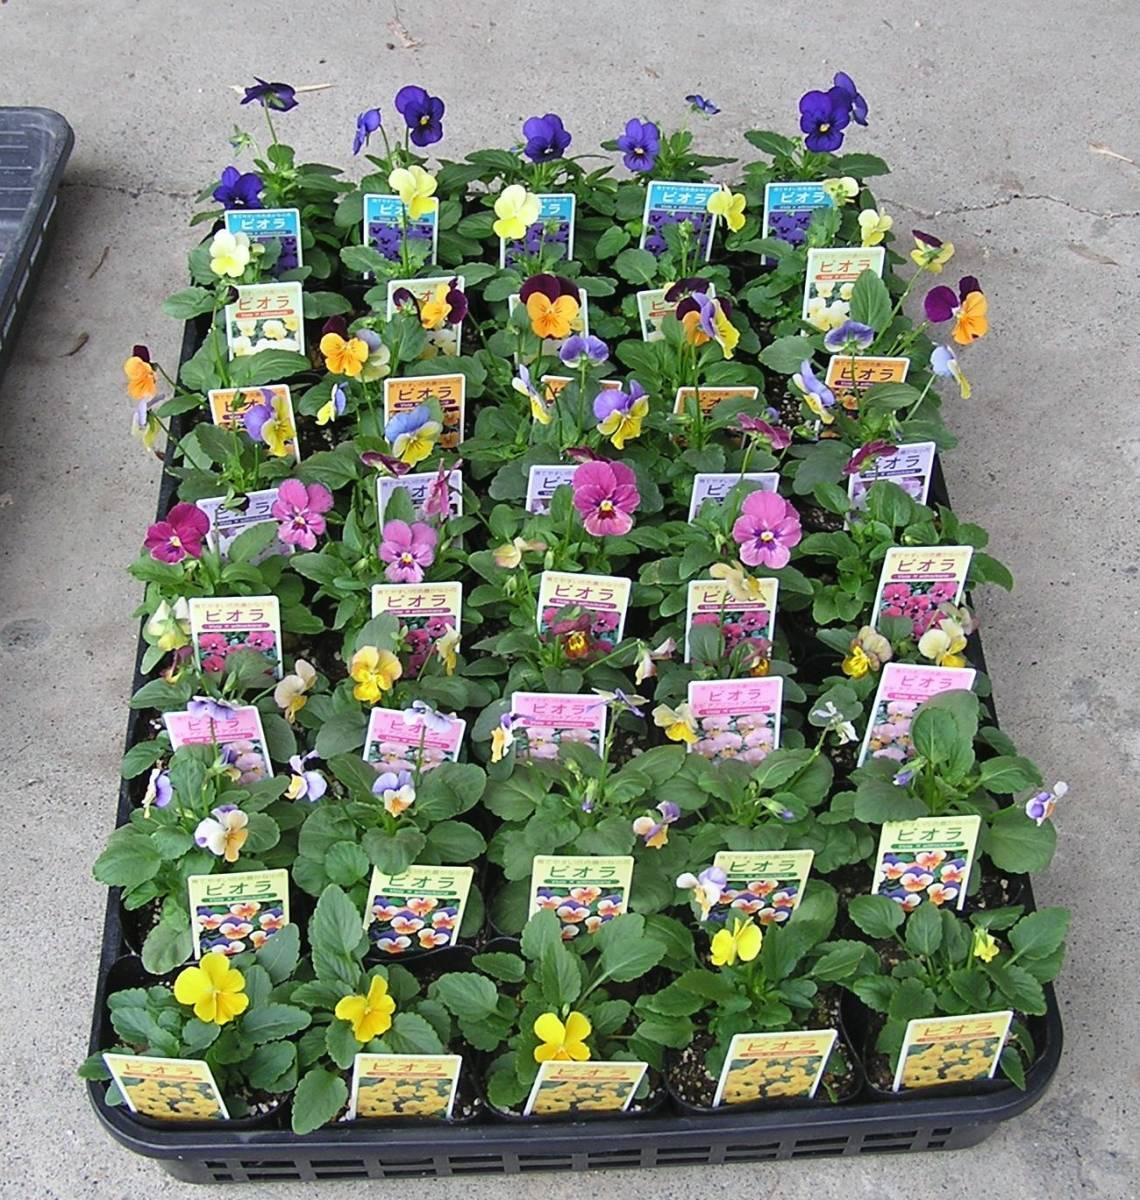 【農園】■ビオラ 4色ミックス■花苗 20ポット ☆_40ポット